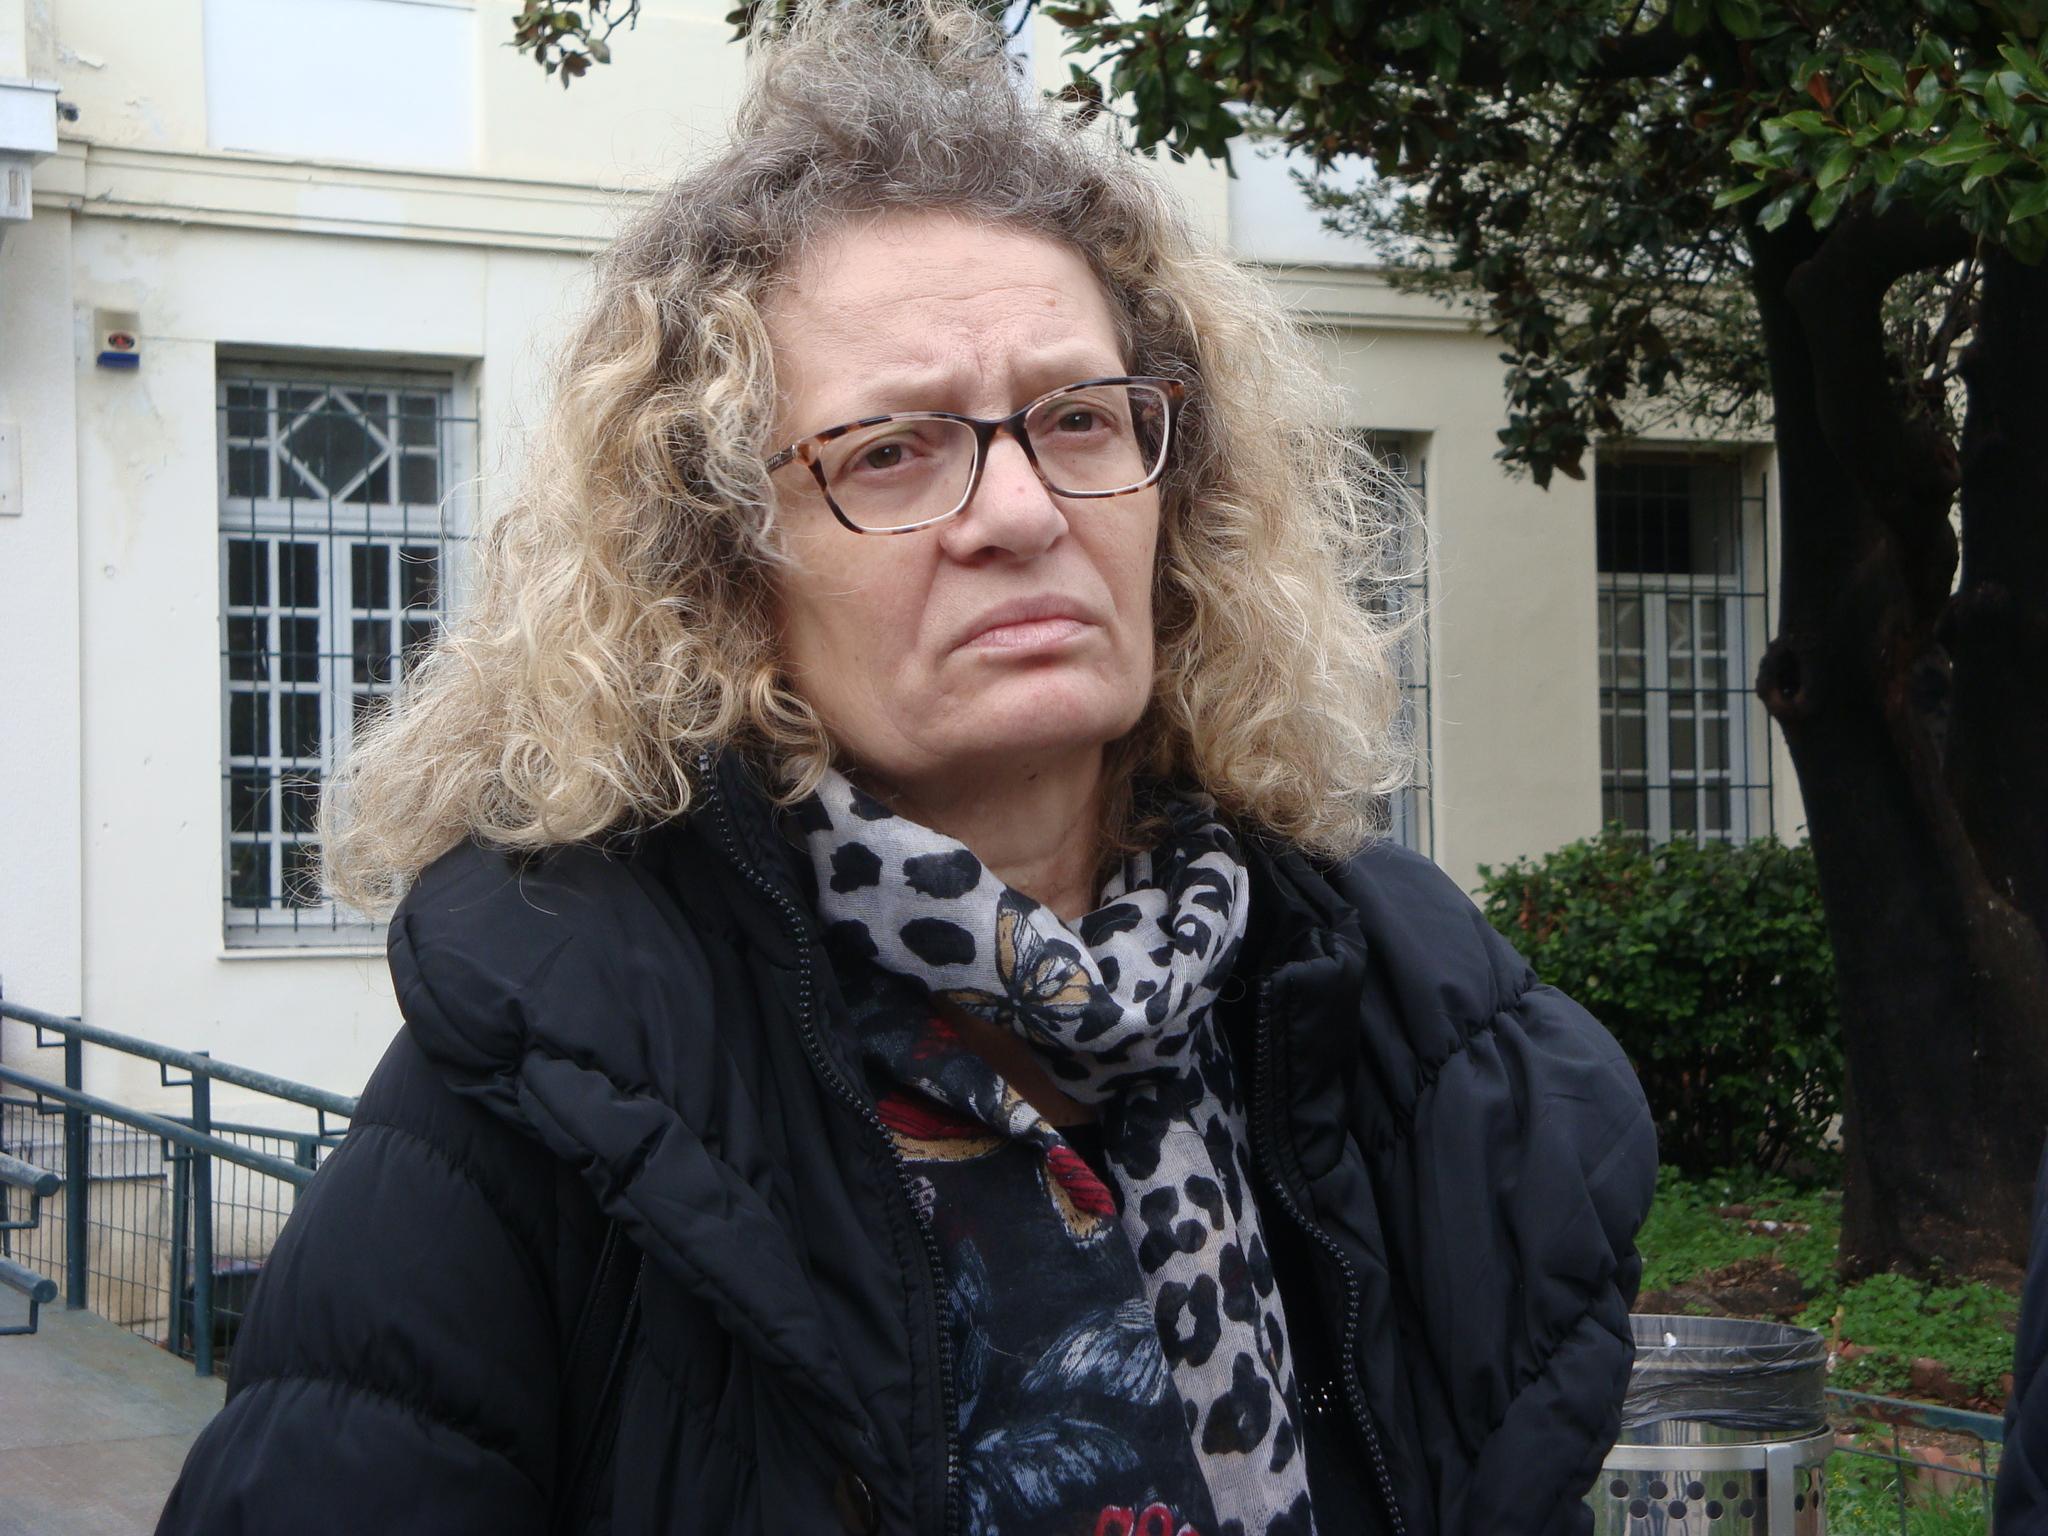 """Θεσσαλονίκη: Η μάνα που ραγίζει καρδιές! """"Εύχομαι να μην βρεθεί καμία γυναίκα στη δική μου θέση""""!"""